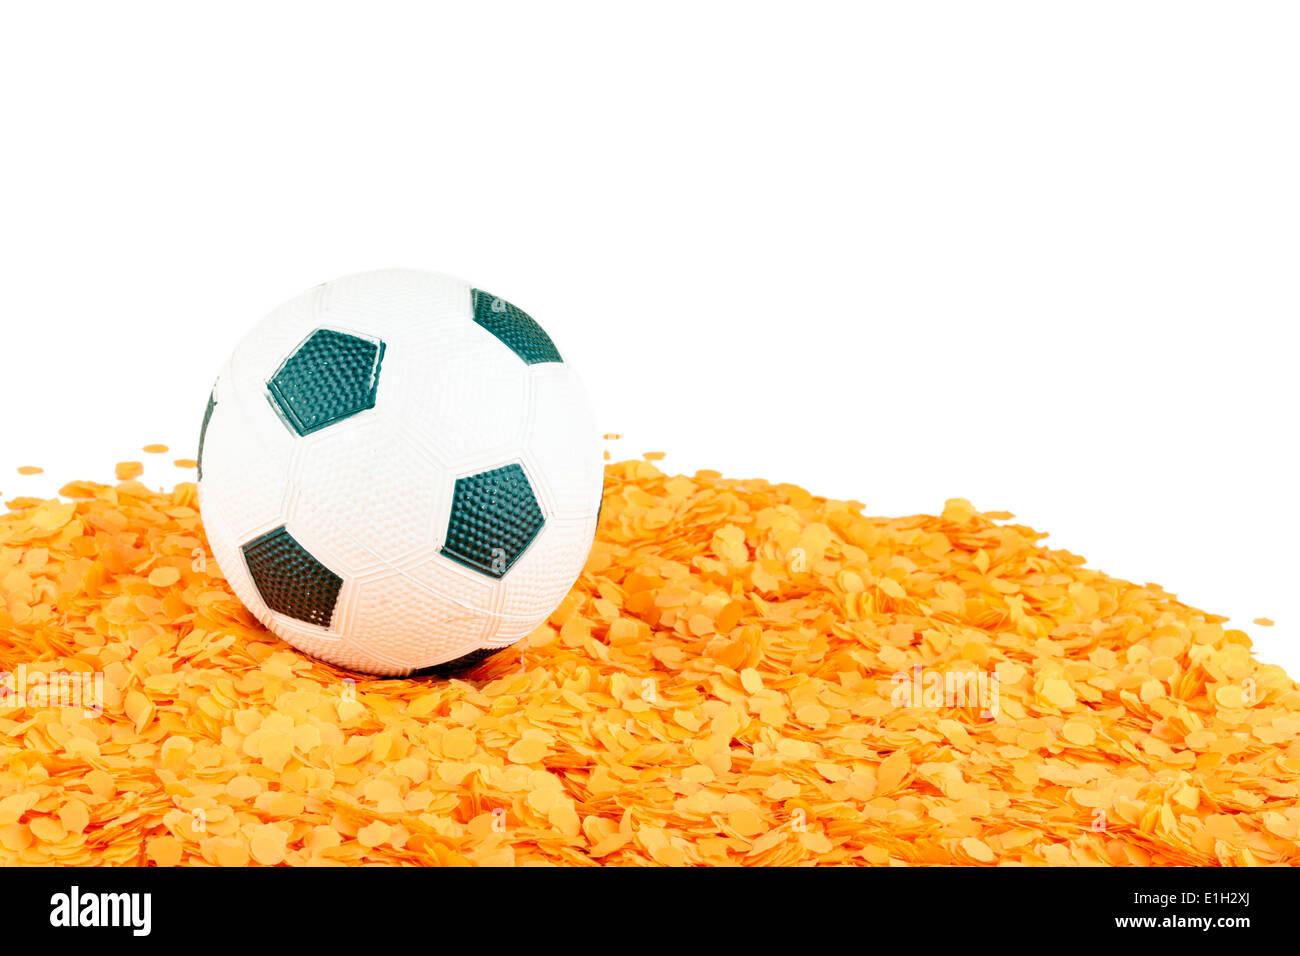 Soccer ball on orange confetti a symbol for hollands passion for soccer ball on orange confetti a symbol for hollands passion for football buycottarizona